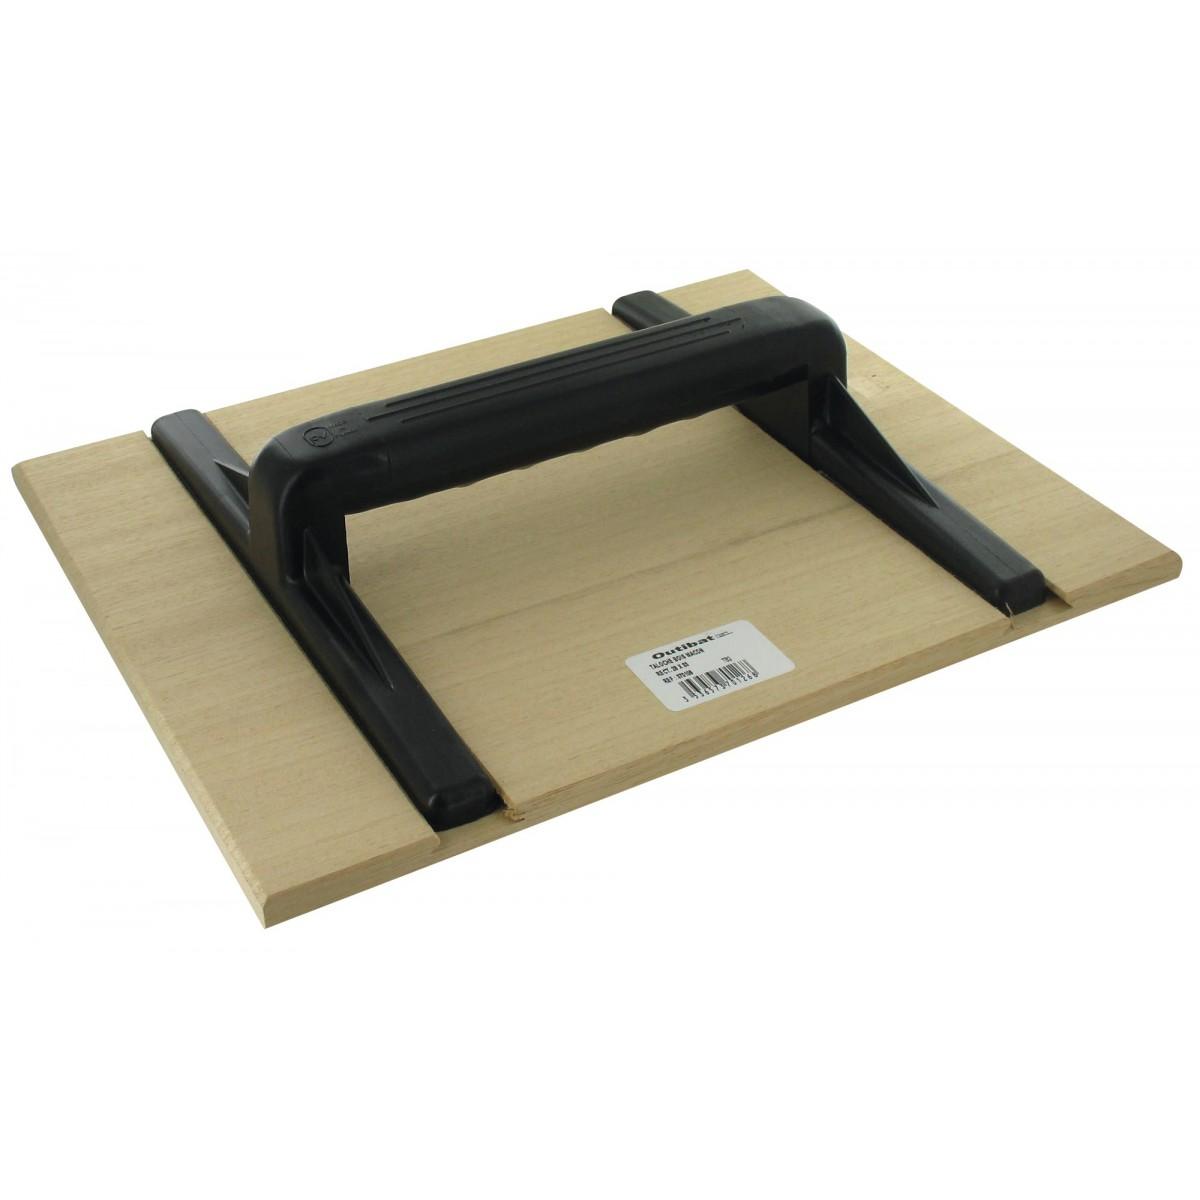 Taloche bois rectangulaire Outibat - Dimensions 26 x 33 cm